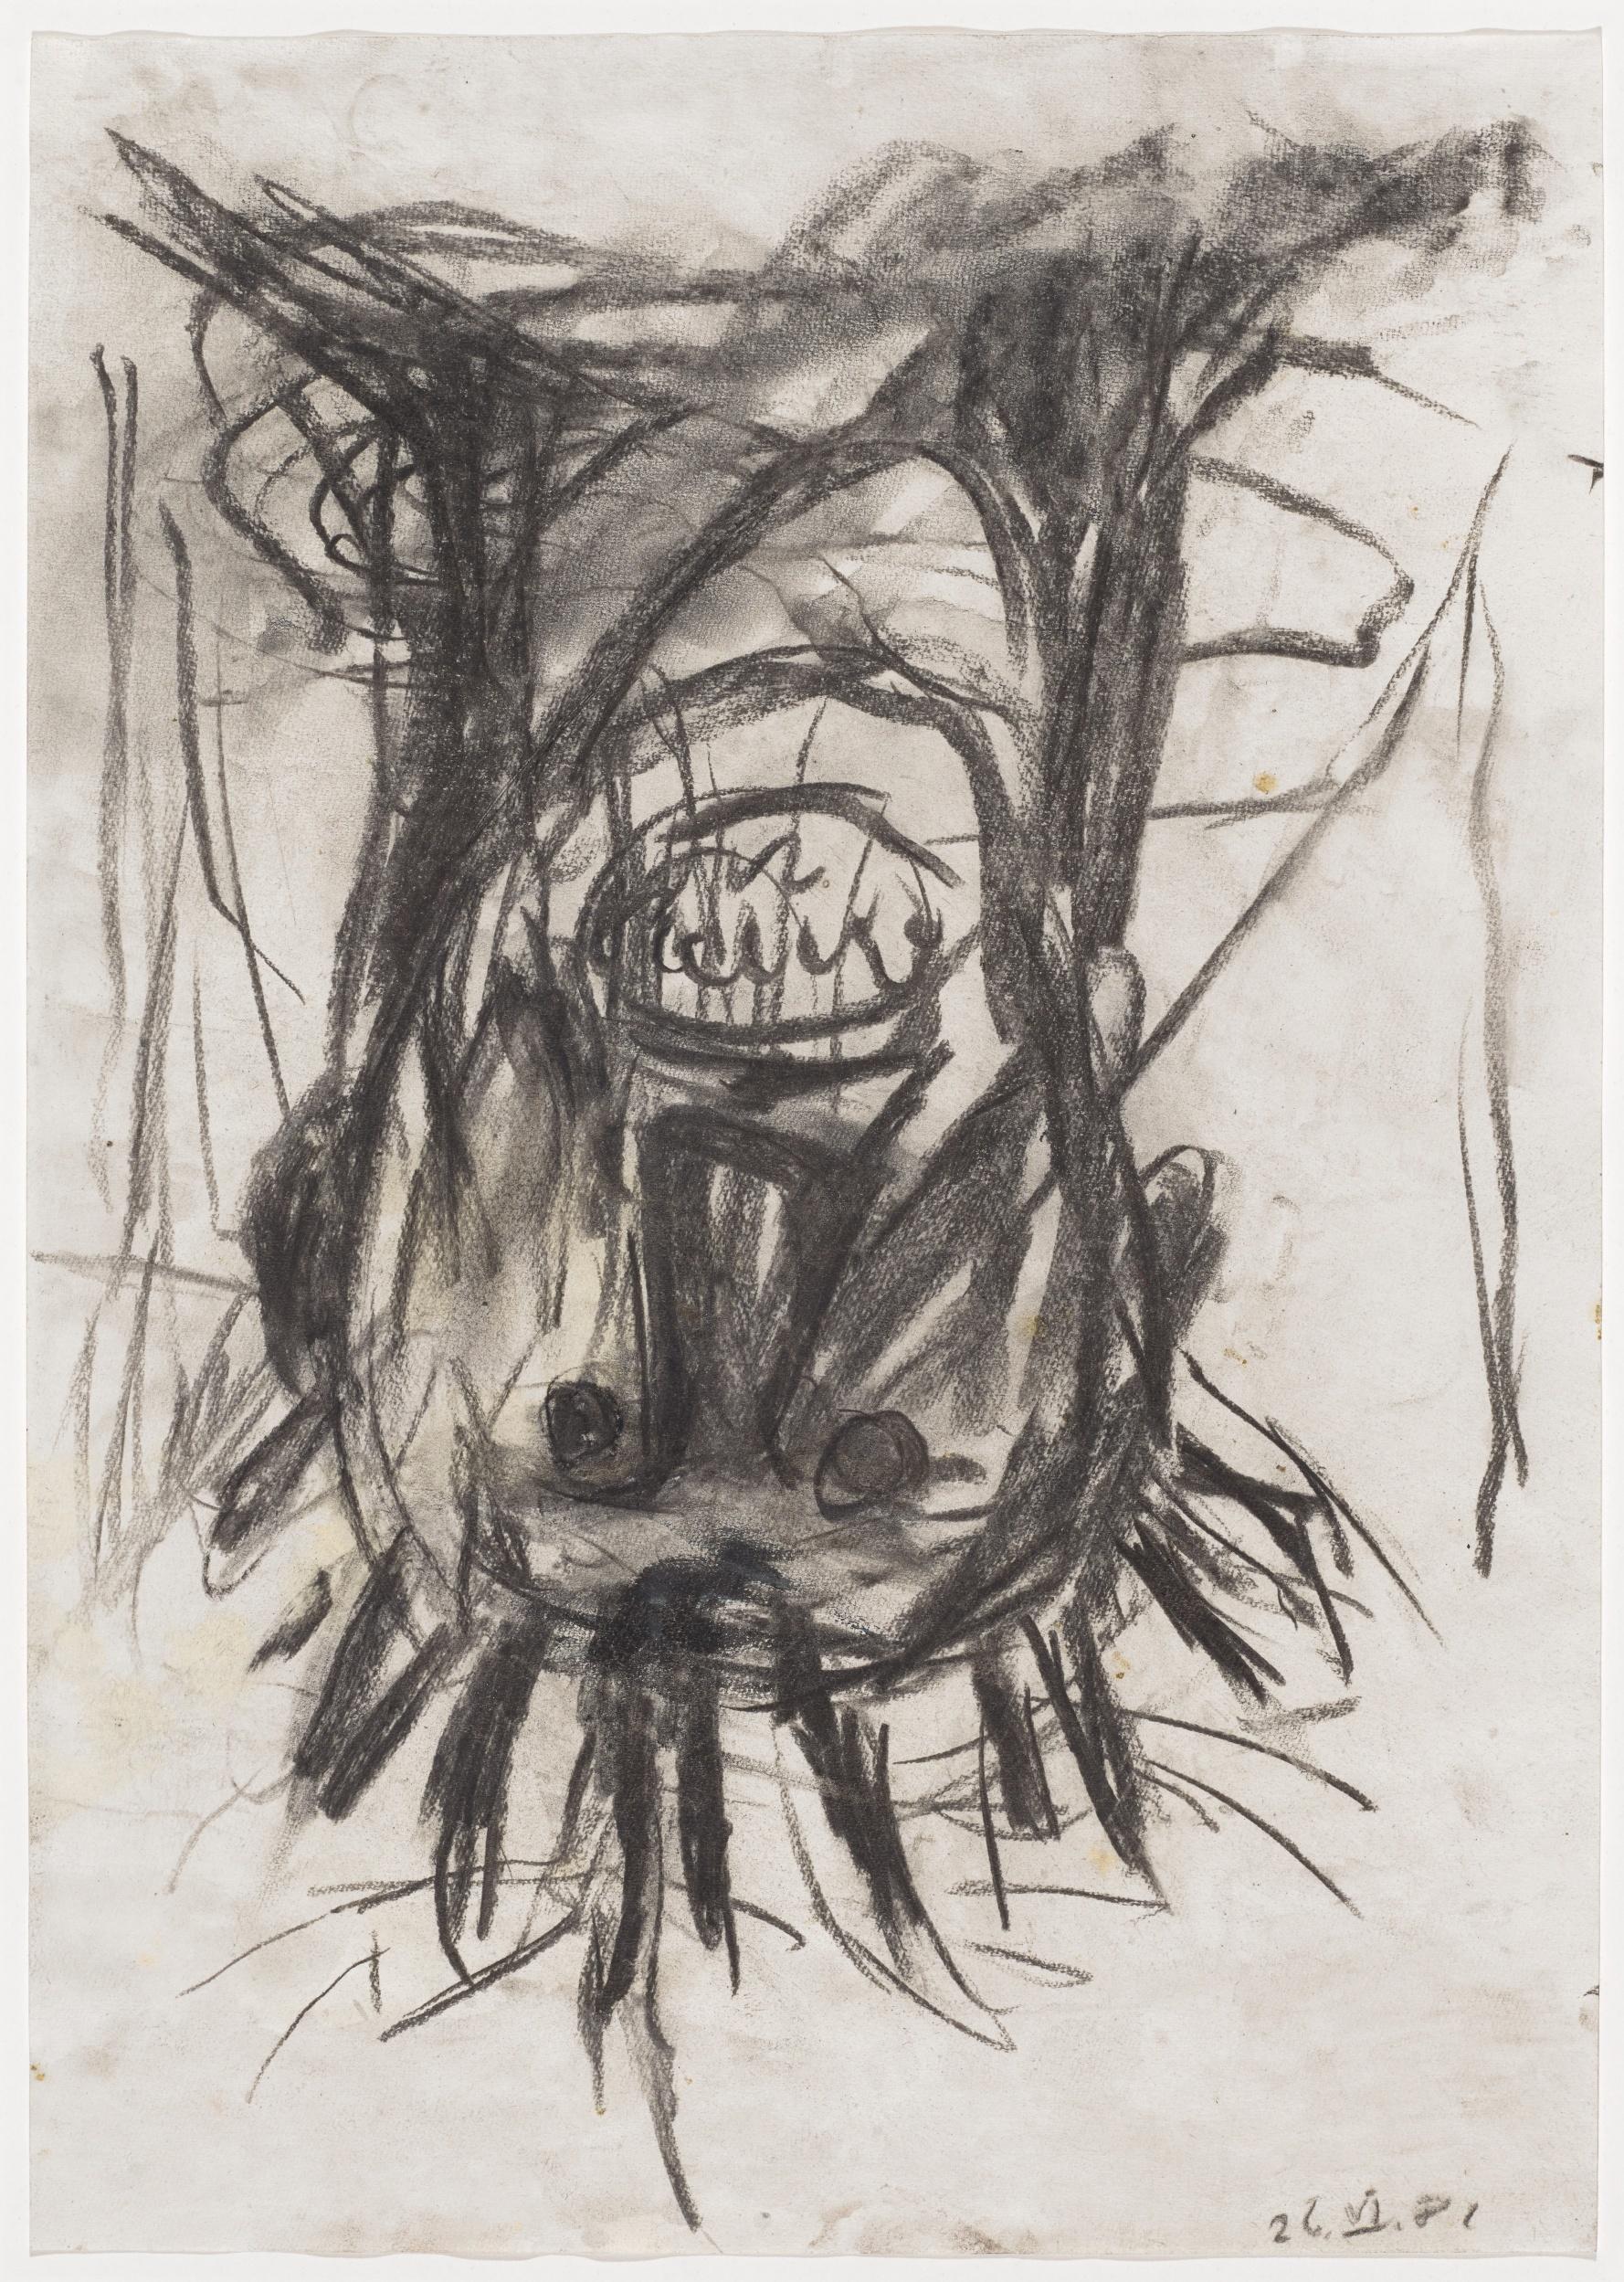 Georg Baselitz. Kopf, 1981. Kunstmuseum Basel